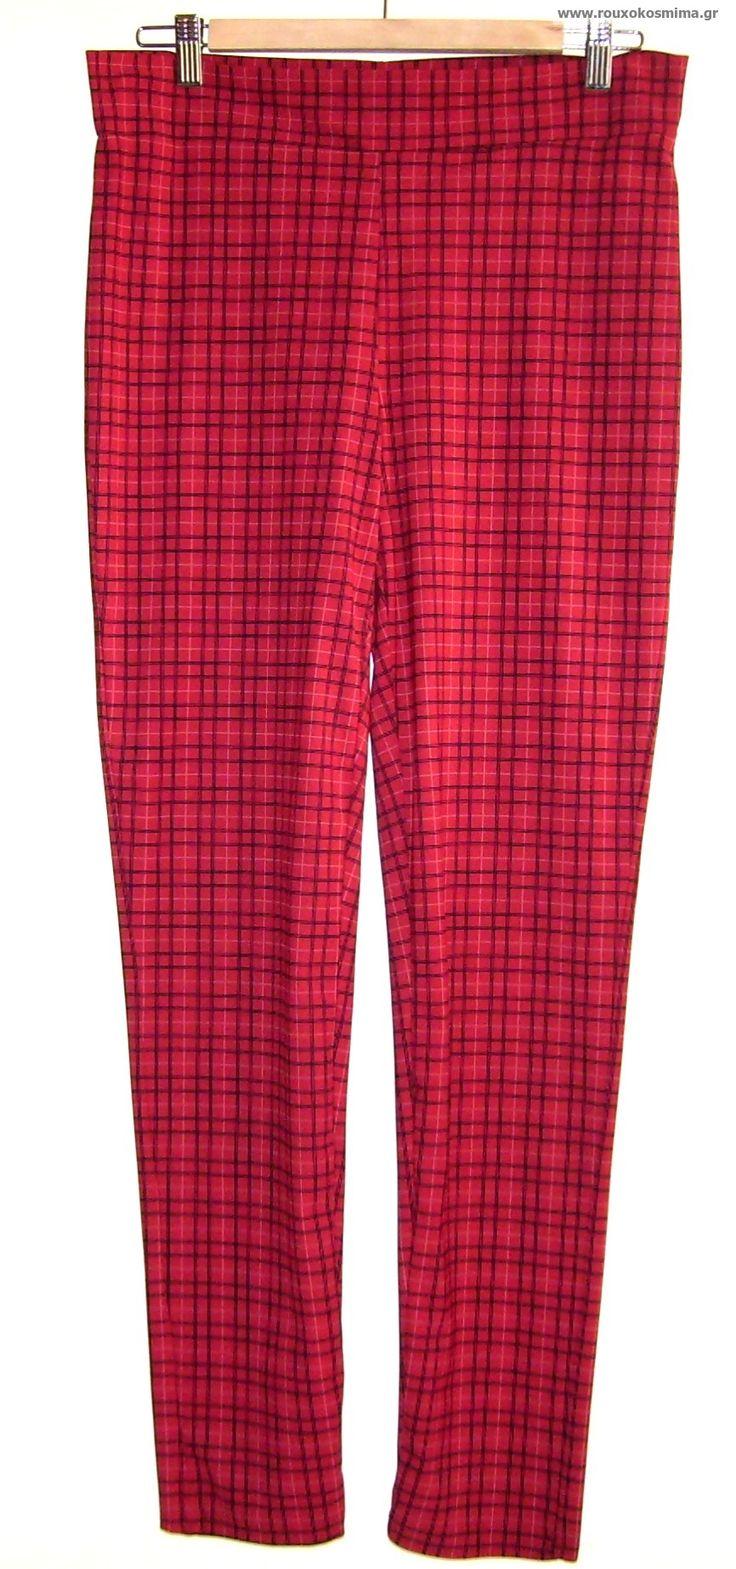 Παντελόνι ελαστικό – κολάν καρό κόκκινο